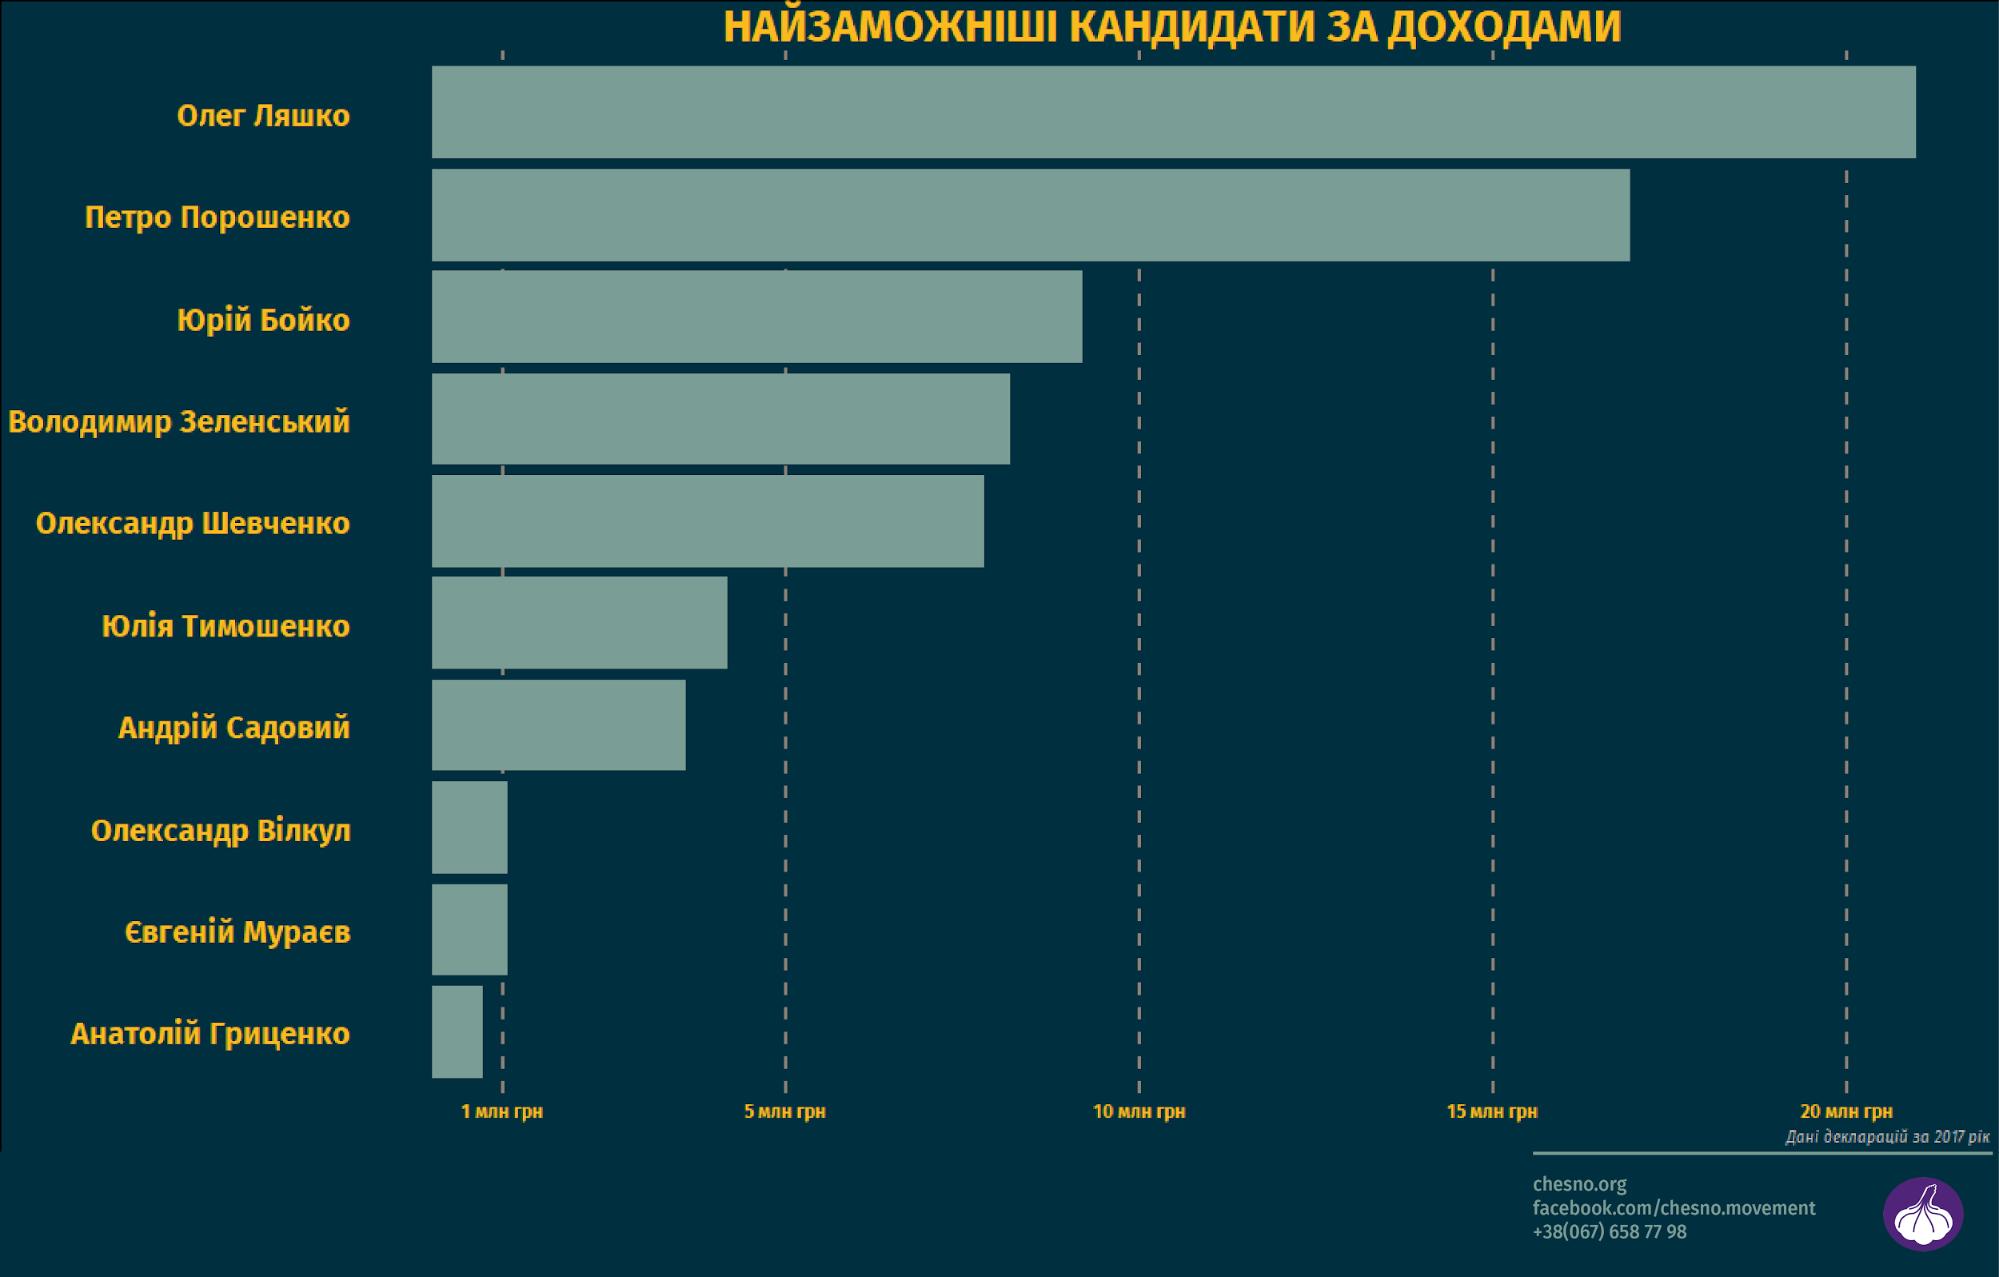 Движение составило ТОП-10 кандидатов по уровню доходов